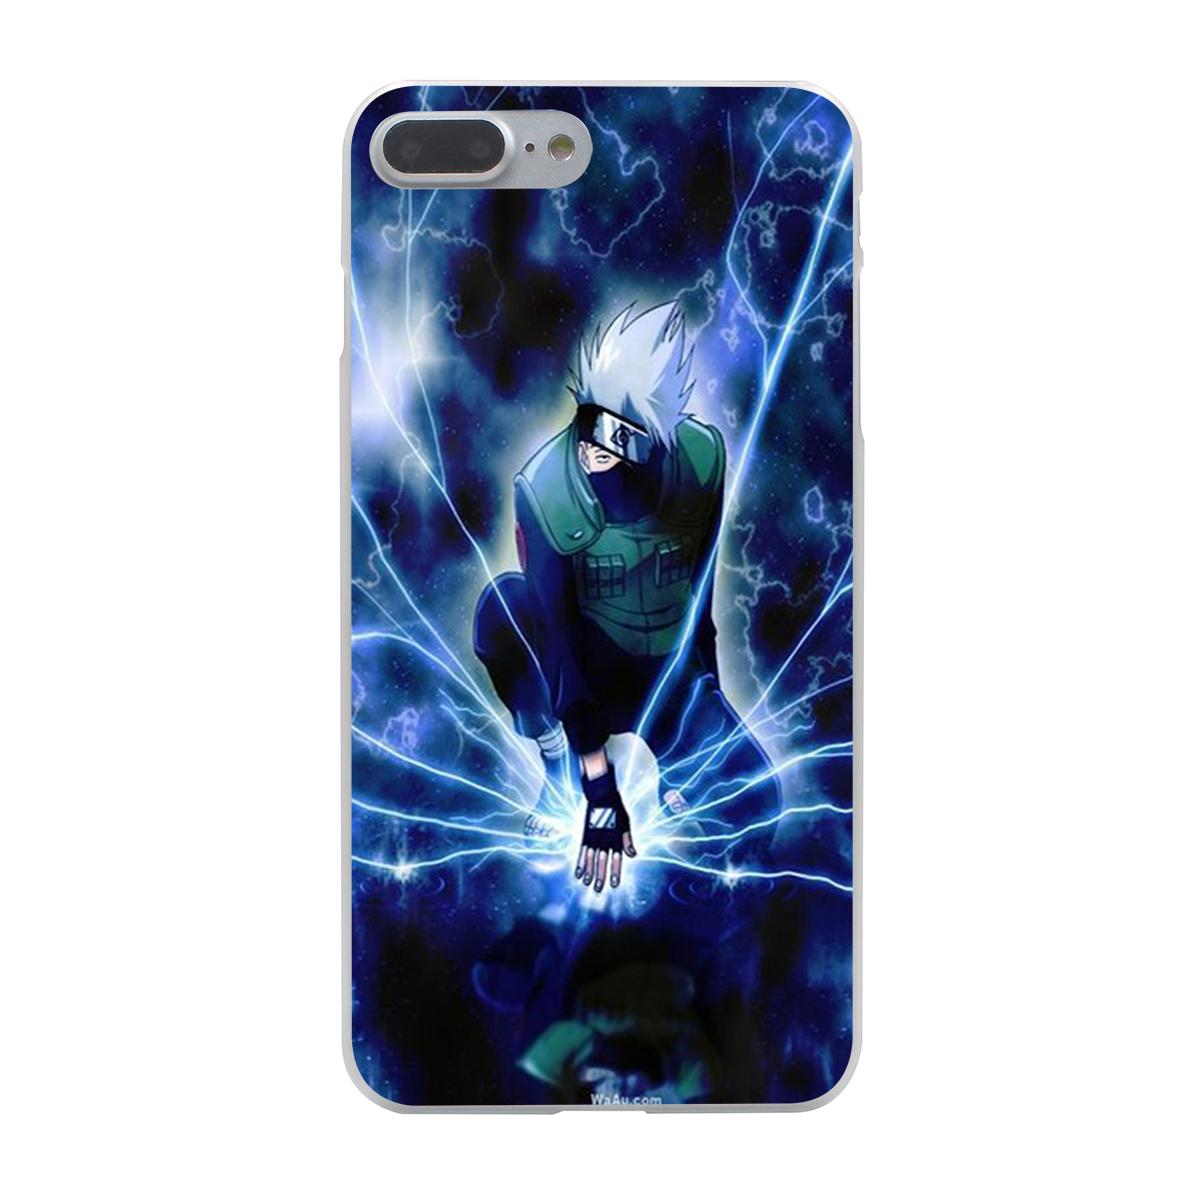 Hokage Naruto Kakashi Hard Case Transparent For Iphone 7 7